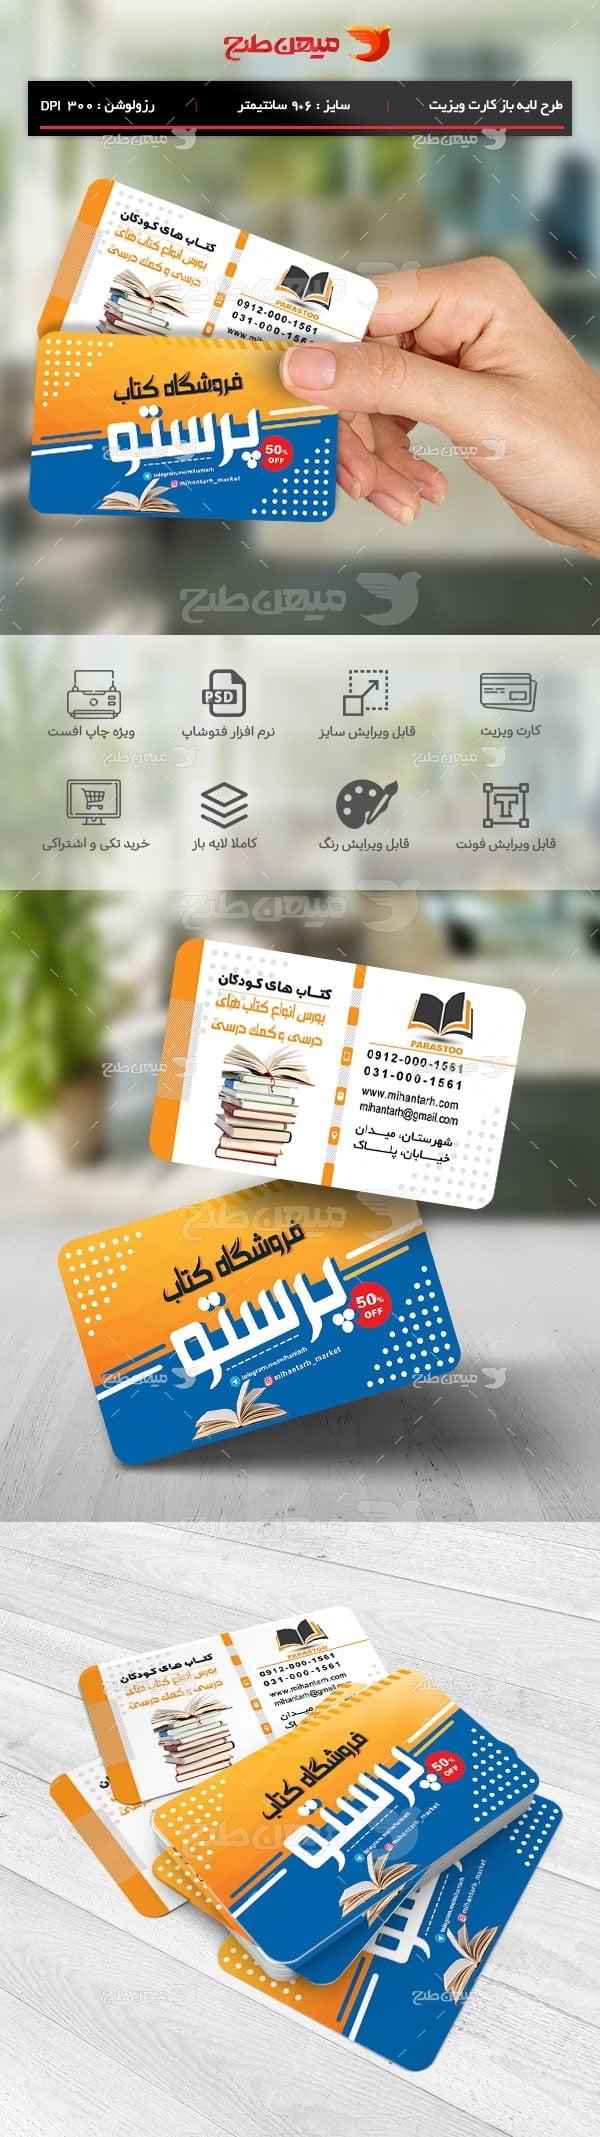 طرح لایه باز کارت ویزیت فروشگاه کتاب فروشی